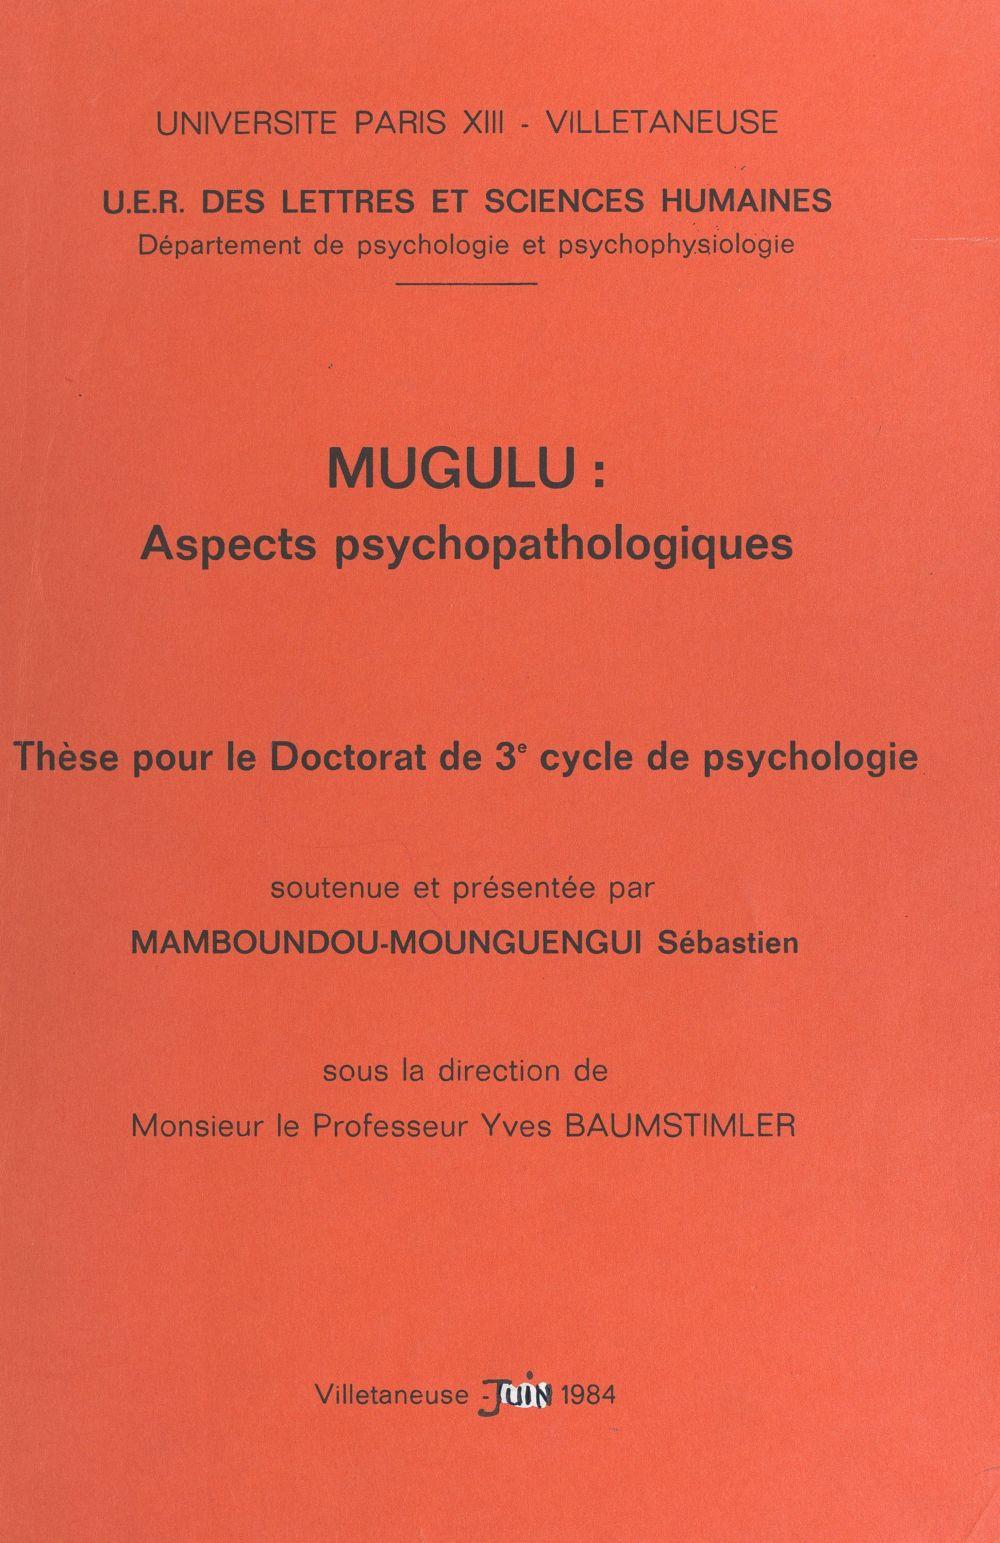 Mugulu : aspects psychopathologiques